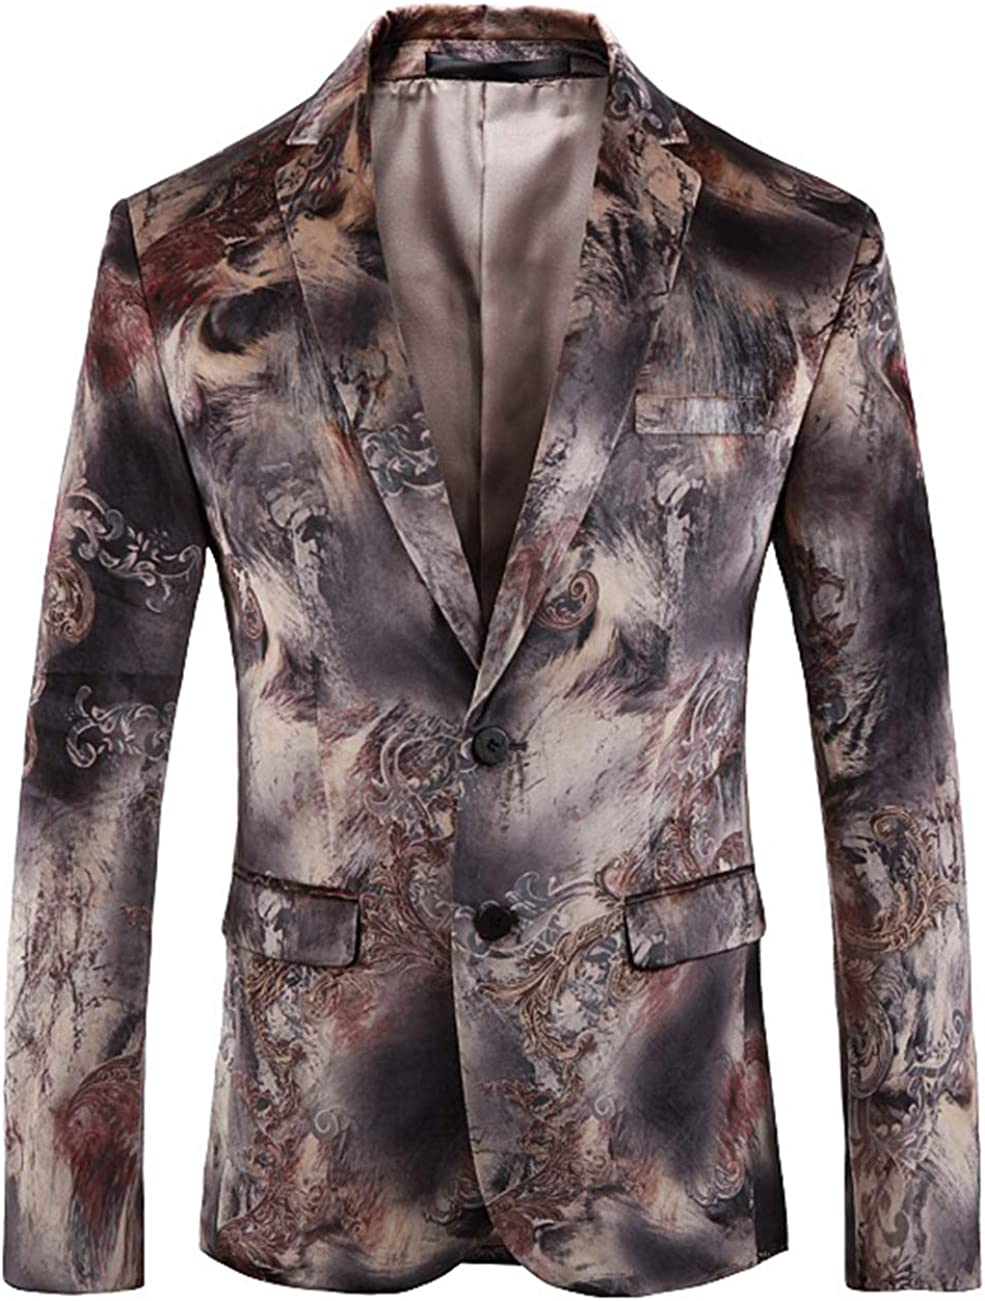 Men's Fashion Suit Jacket Printed Slim Fit Stylish Coat Blazer Jacket